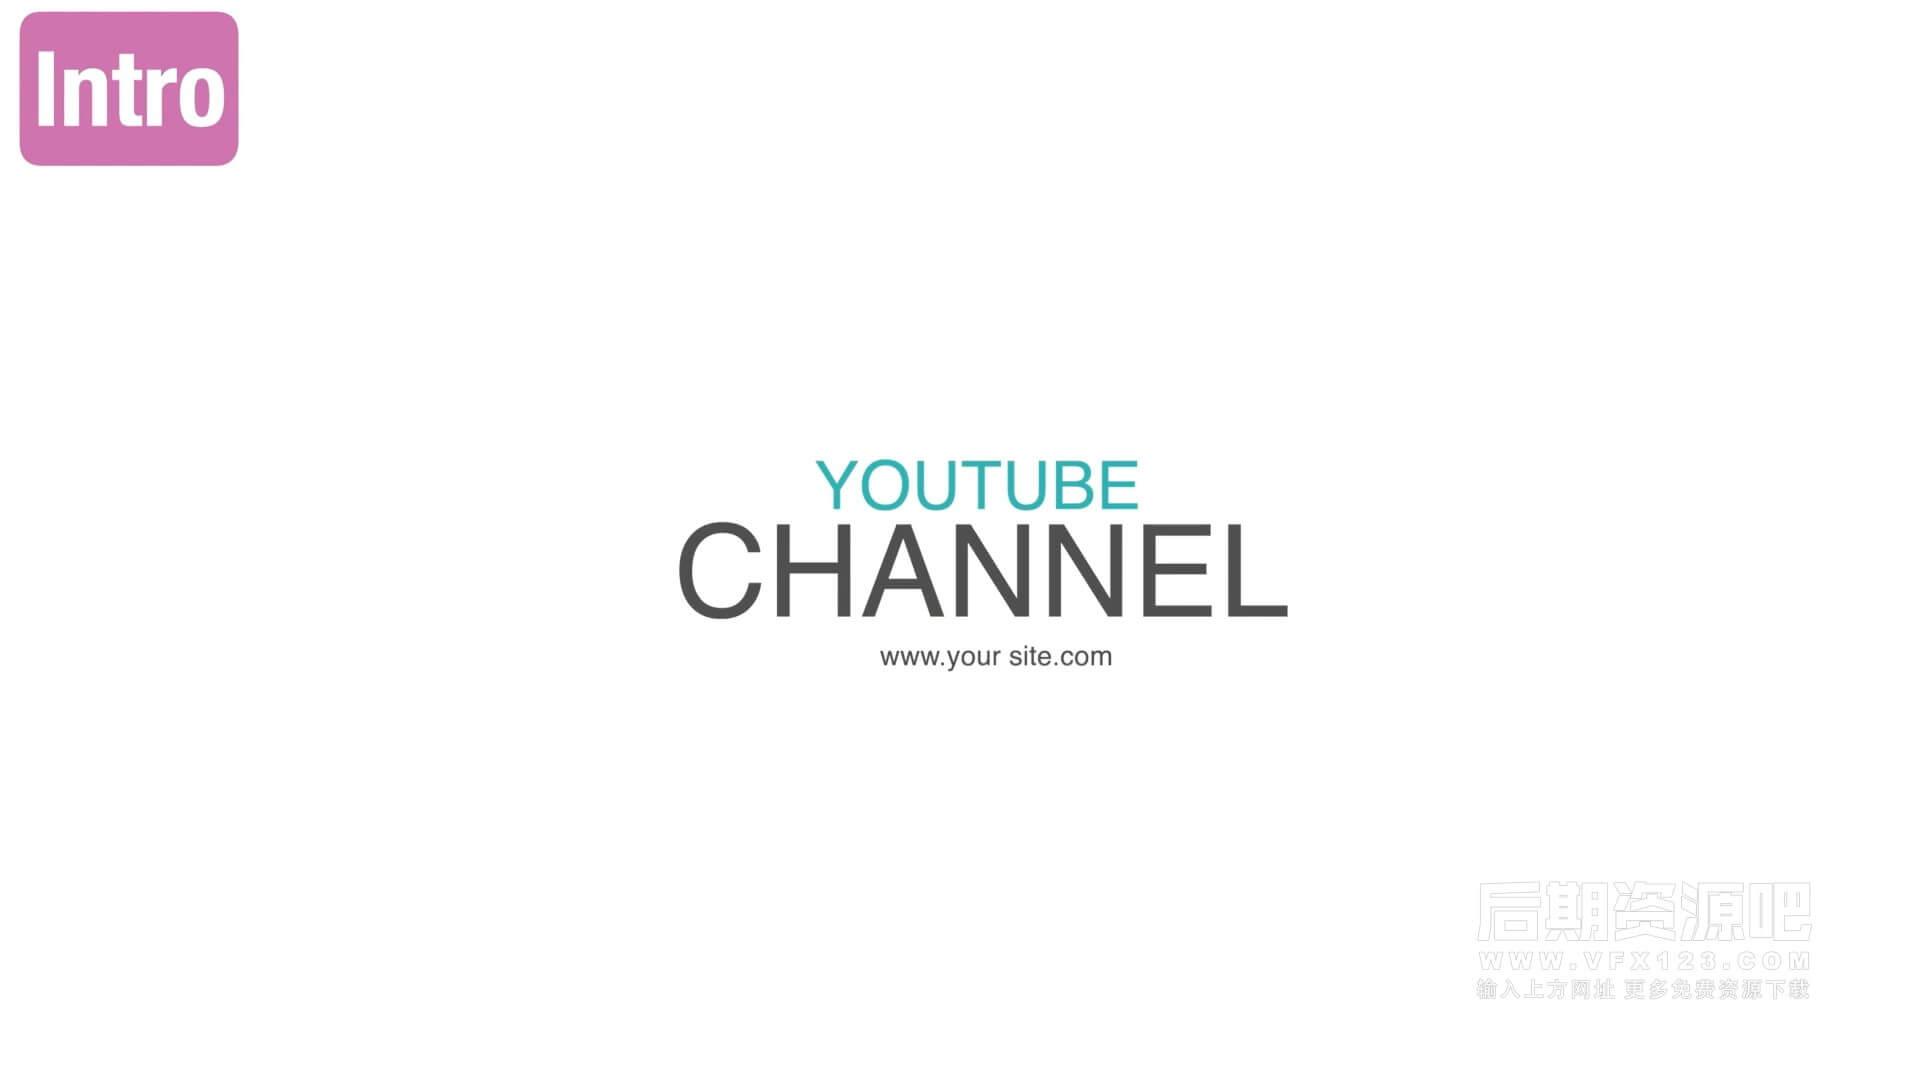 fcpx插件 自媒体短视频博主影片制作工具包 第一季 标题+LUTS+点赞+预告